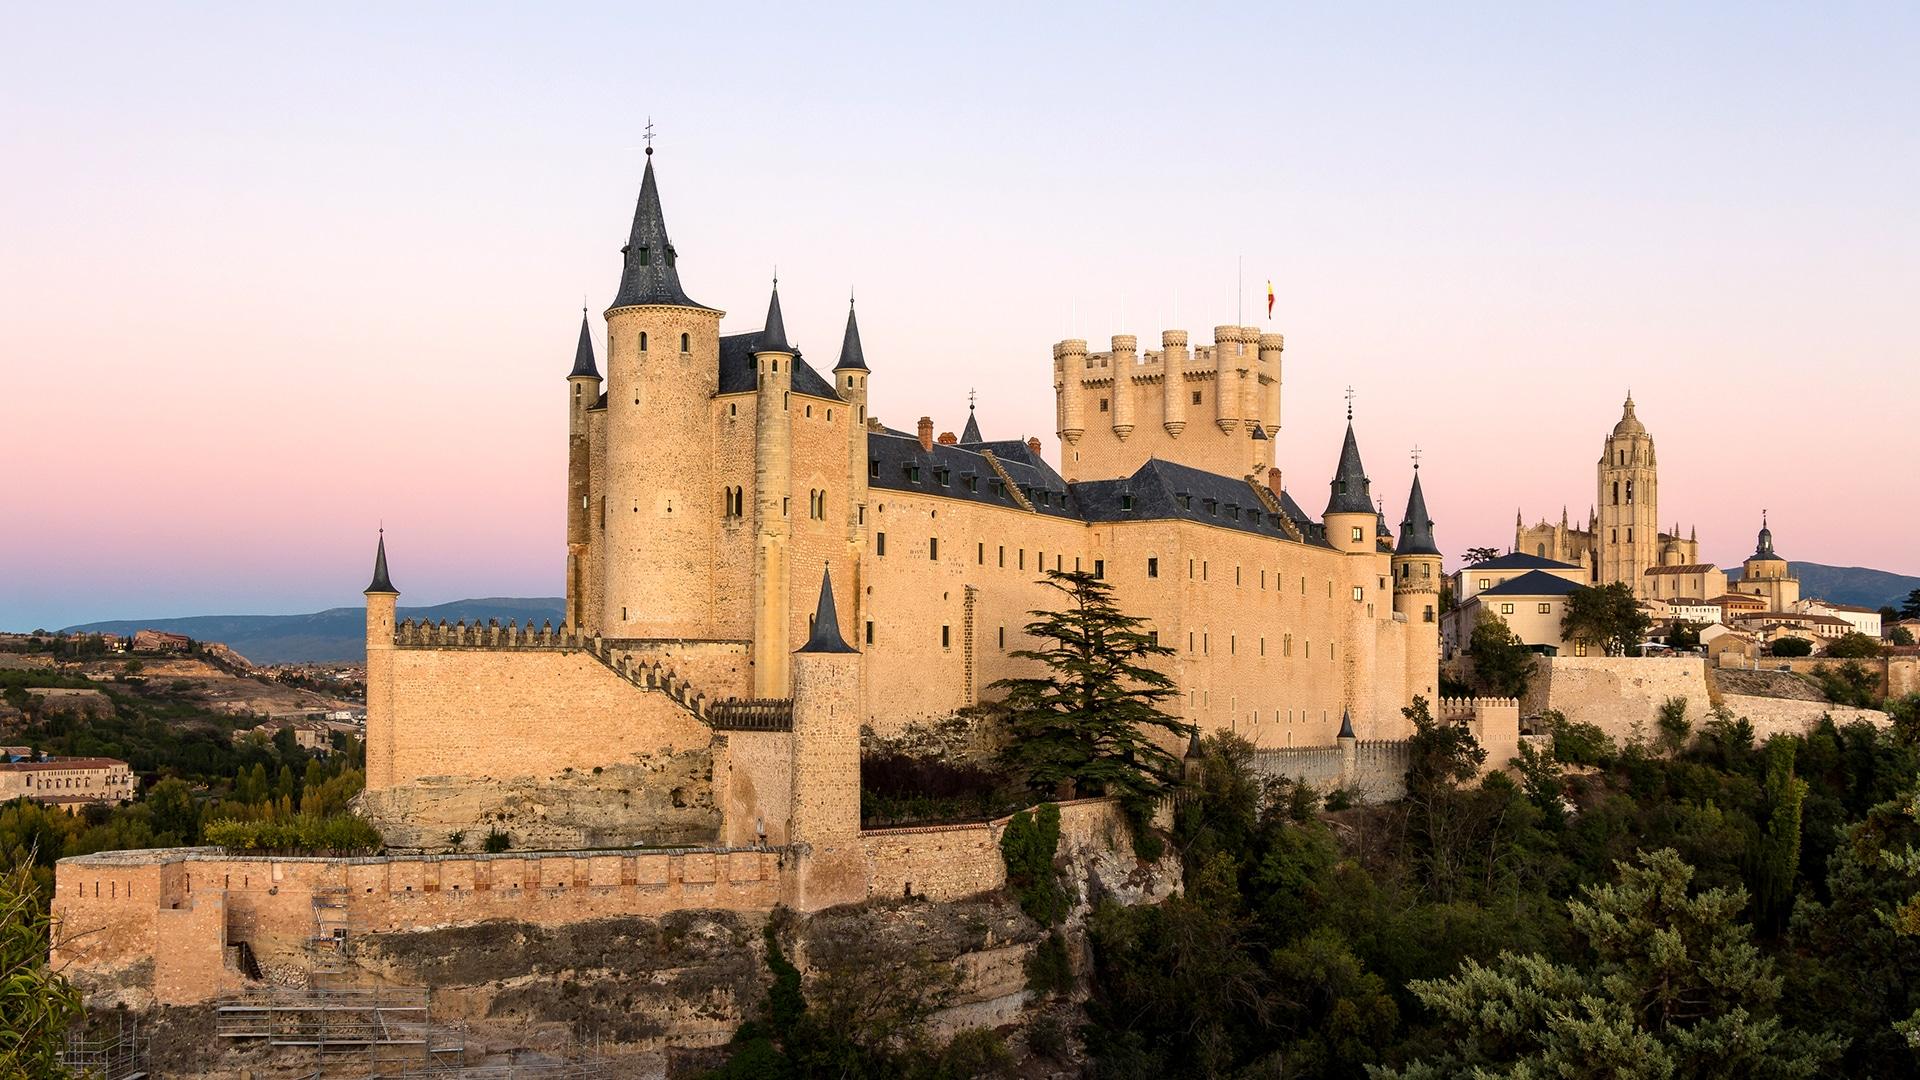 Castles_SpainInside_AlcazarSegovia2